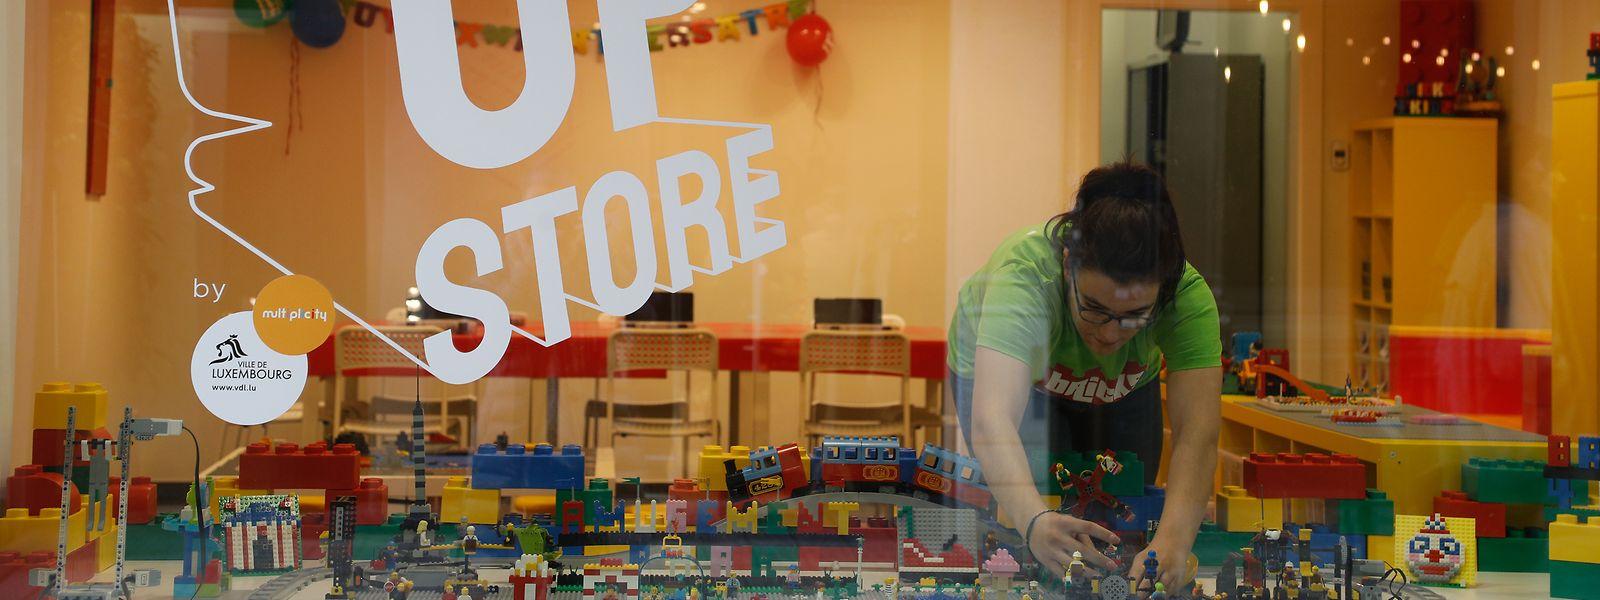 En attendant la mise en place de kiosques dans les différents quartiers de la capitale, un nouveau pop-up store va voir le jour avenue de la Gare.